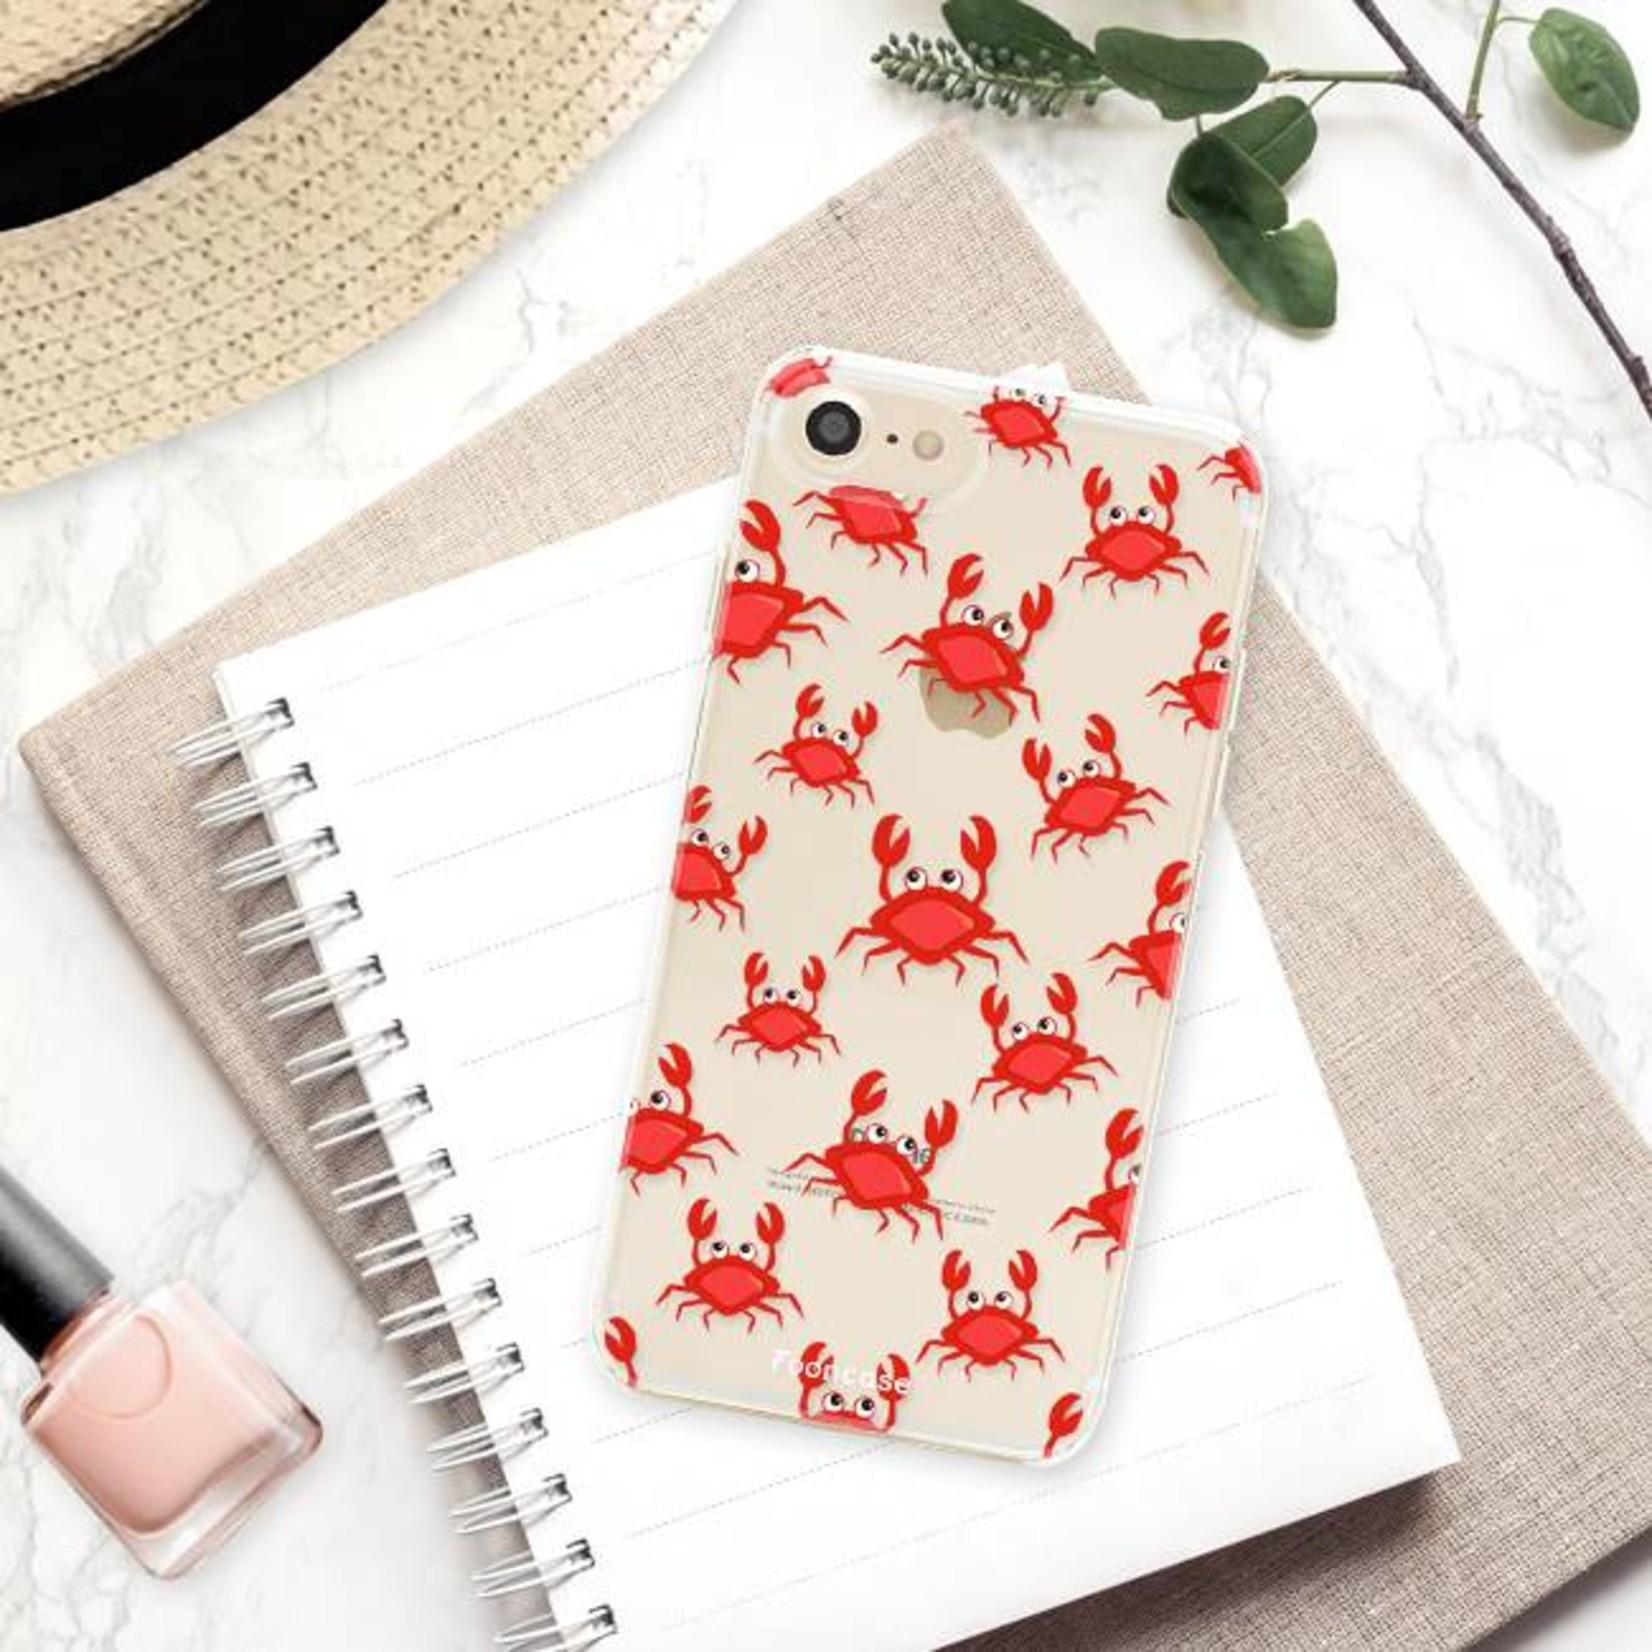 FOONCASE Iphone 7 Handyhülle - Krabben